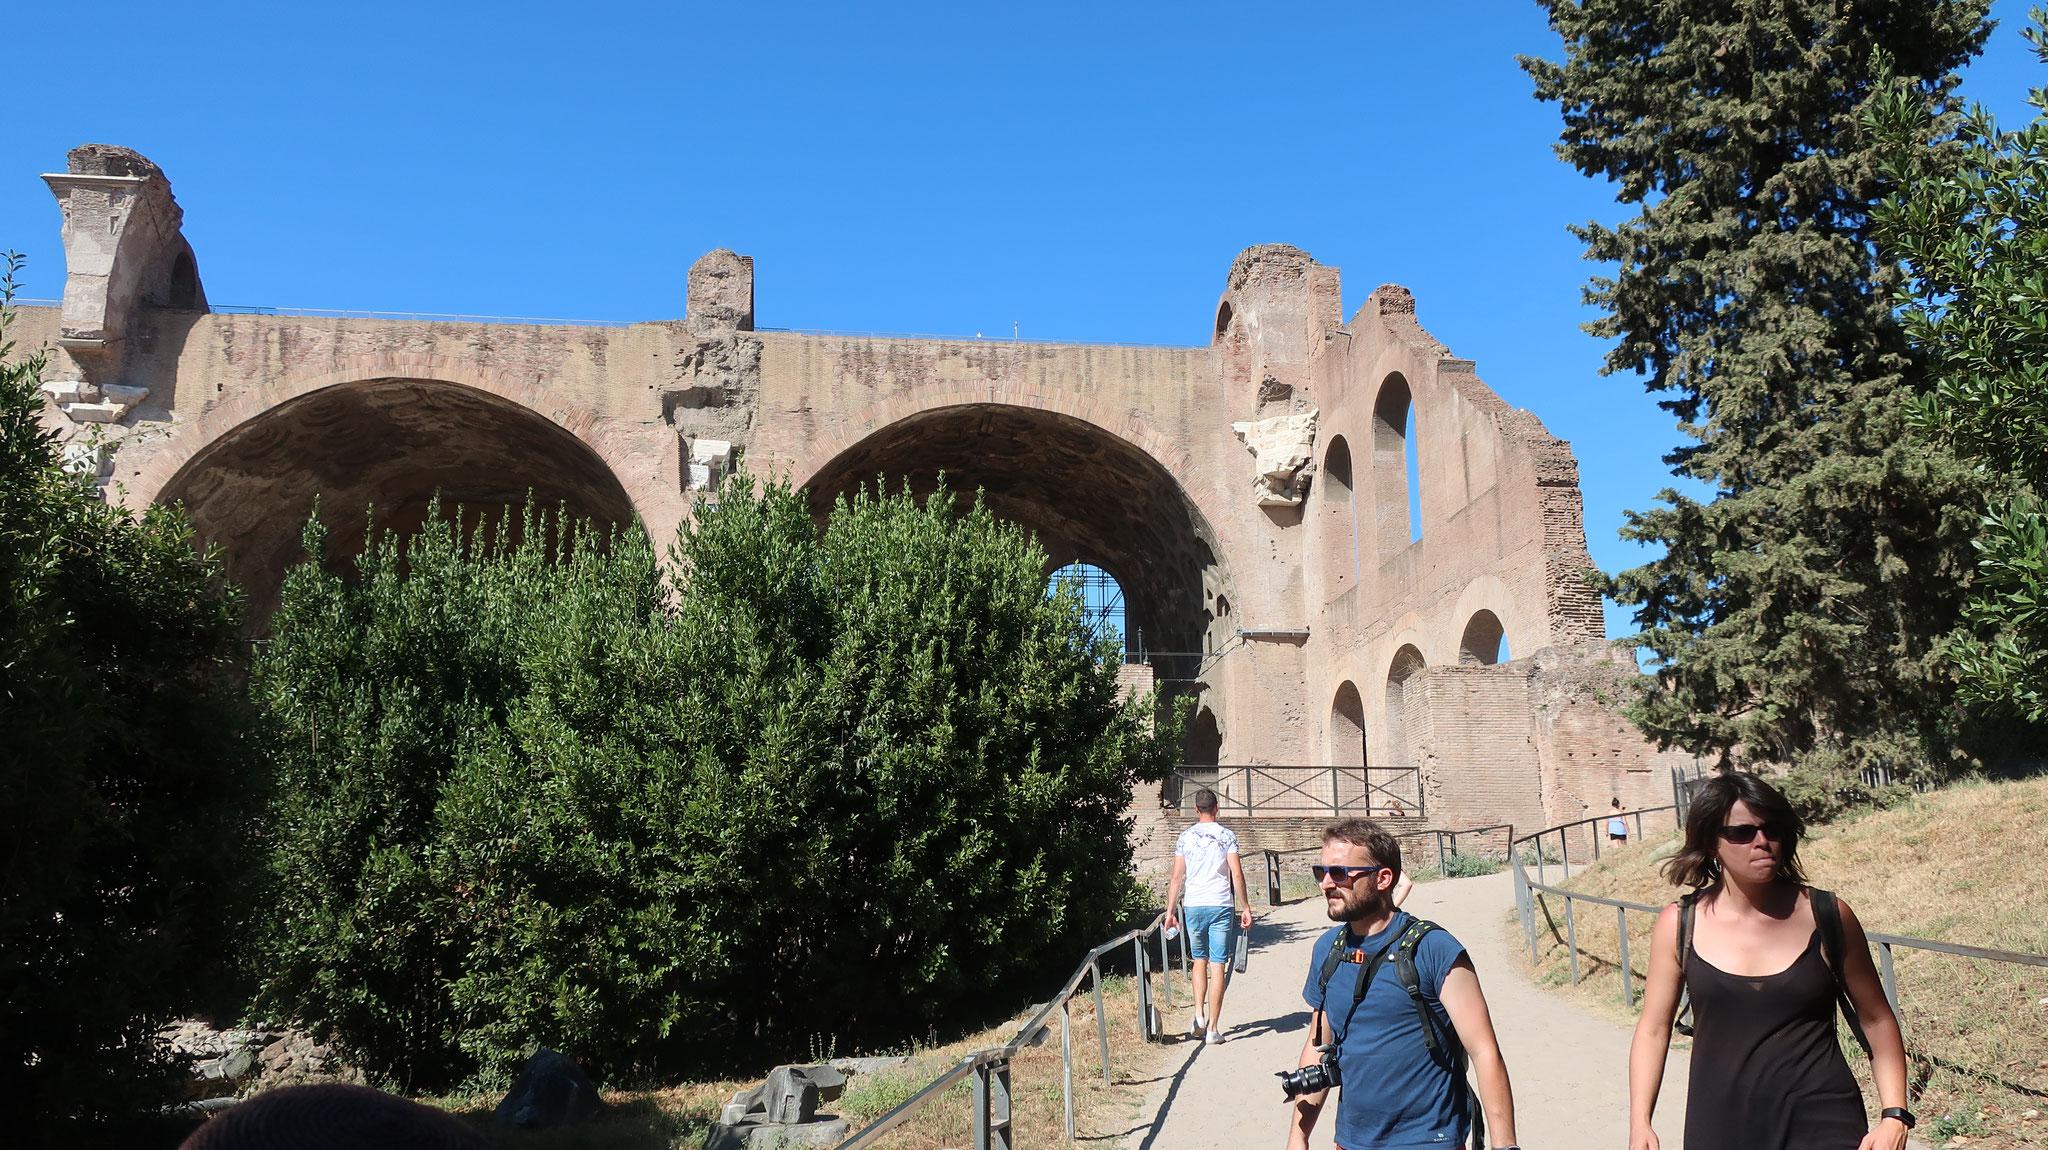 マクセンティウス帝とコンスタンティヌス大帝のバジリカ(集会堂)